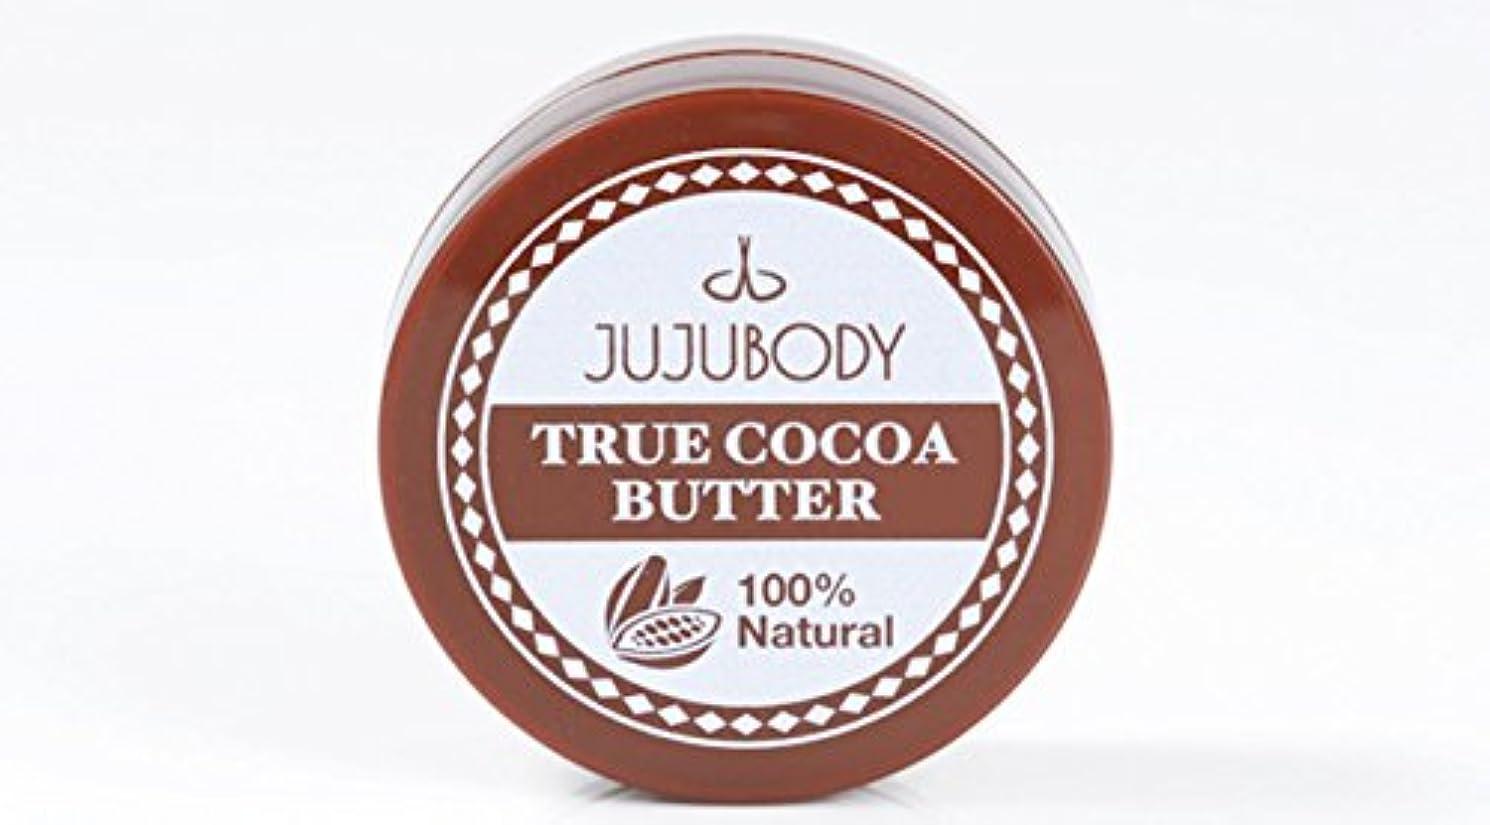 酸化物代替案ピンポイントJUJUBODY TRUE COCOA BUTTER(10g)